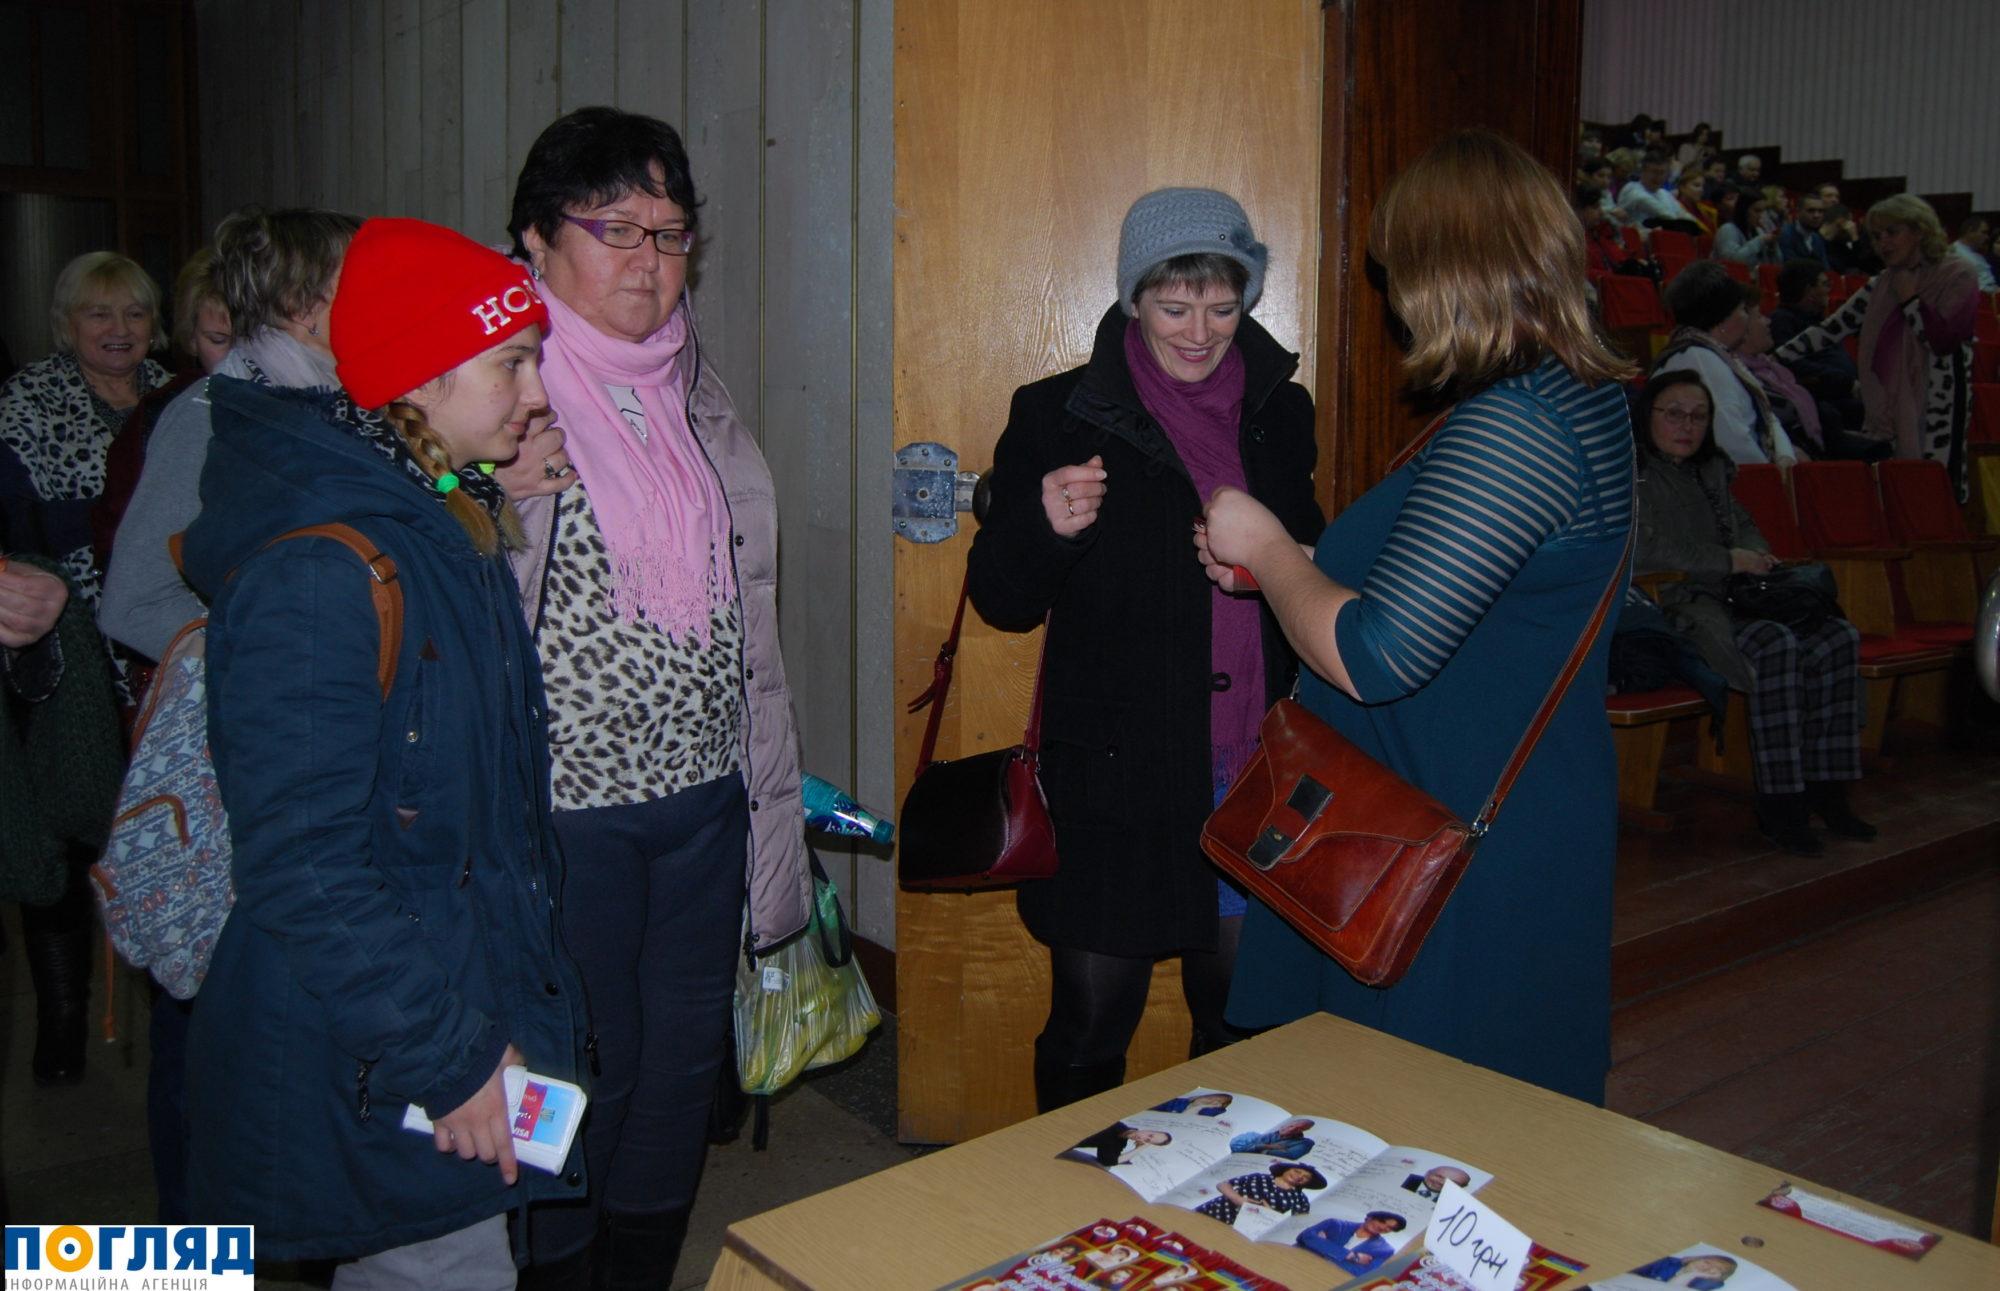 Допрем'єрний показ вистави за участі зірок театру і кіно вперше у Василькові -  - 000DSC 3639 2000x1291